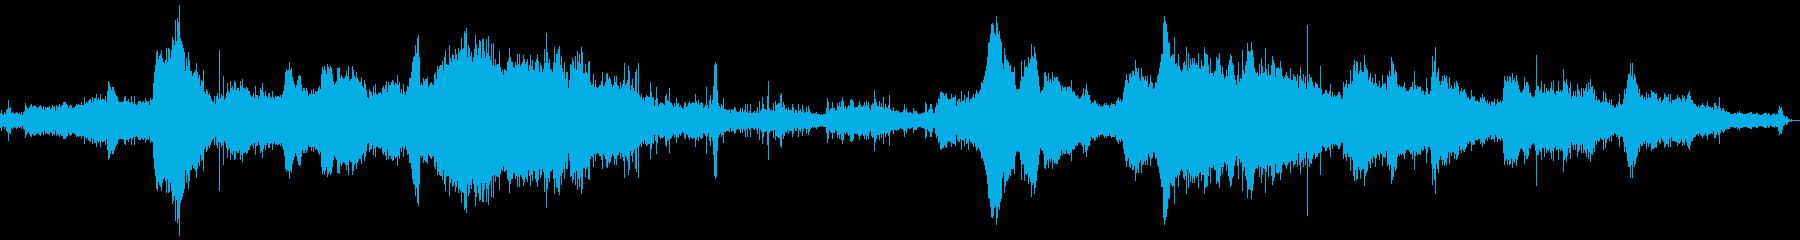 車_カンチャナブリ_軍用小型車両_03の再生済みの波形